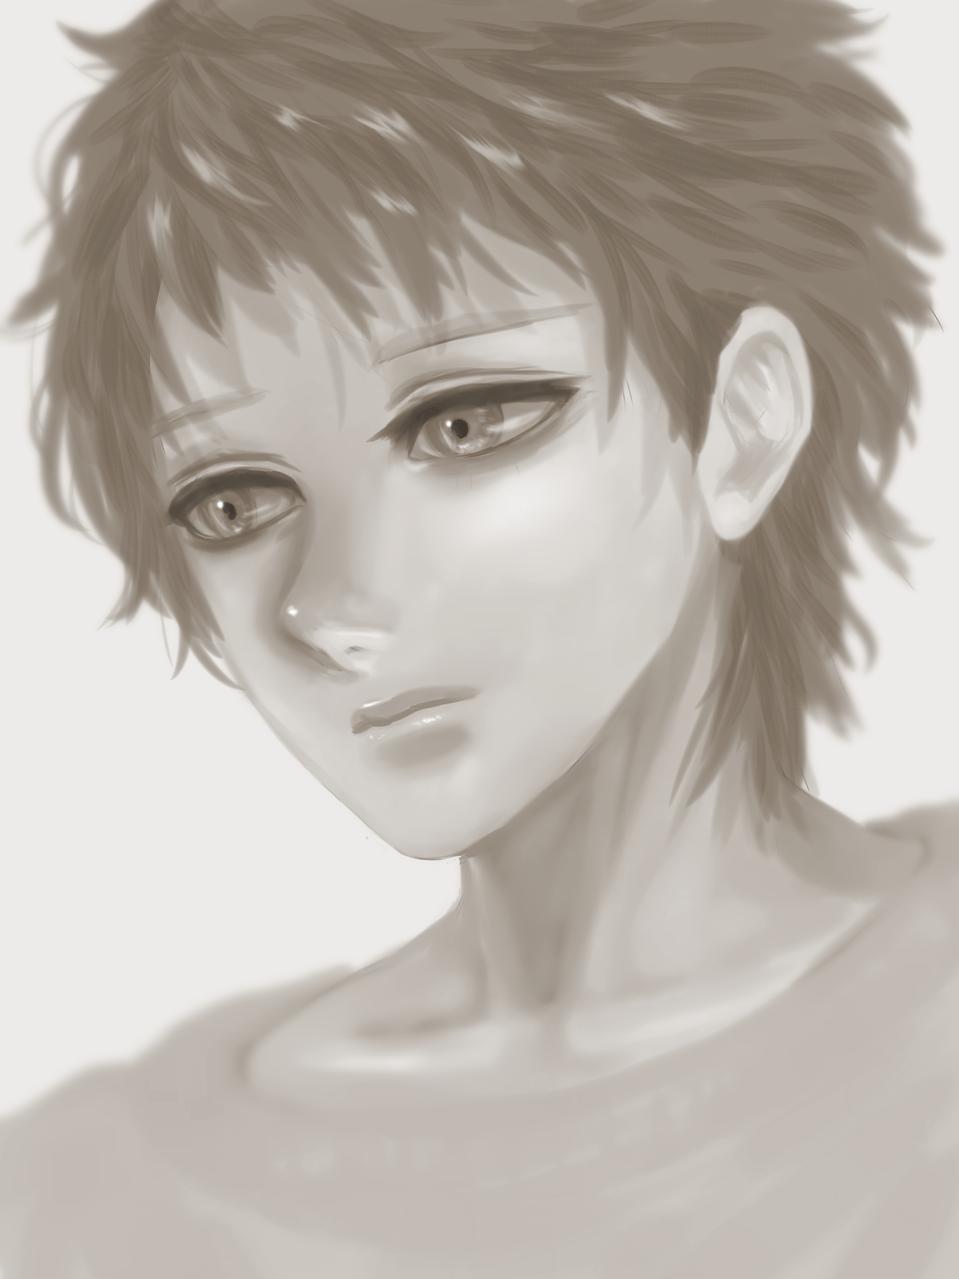 ワンドロ*男の子 Illust of FJ レッツワンドロ boy medibangpaint